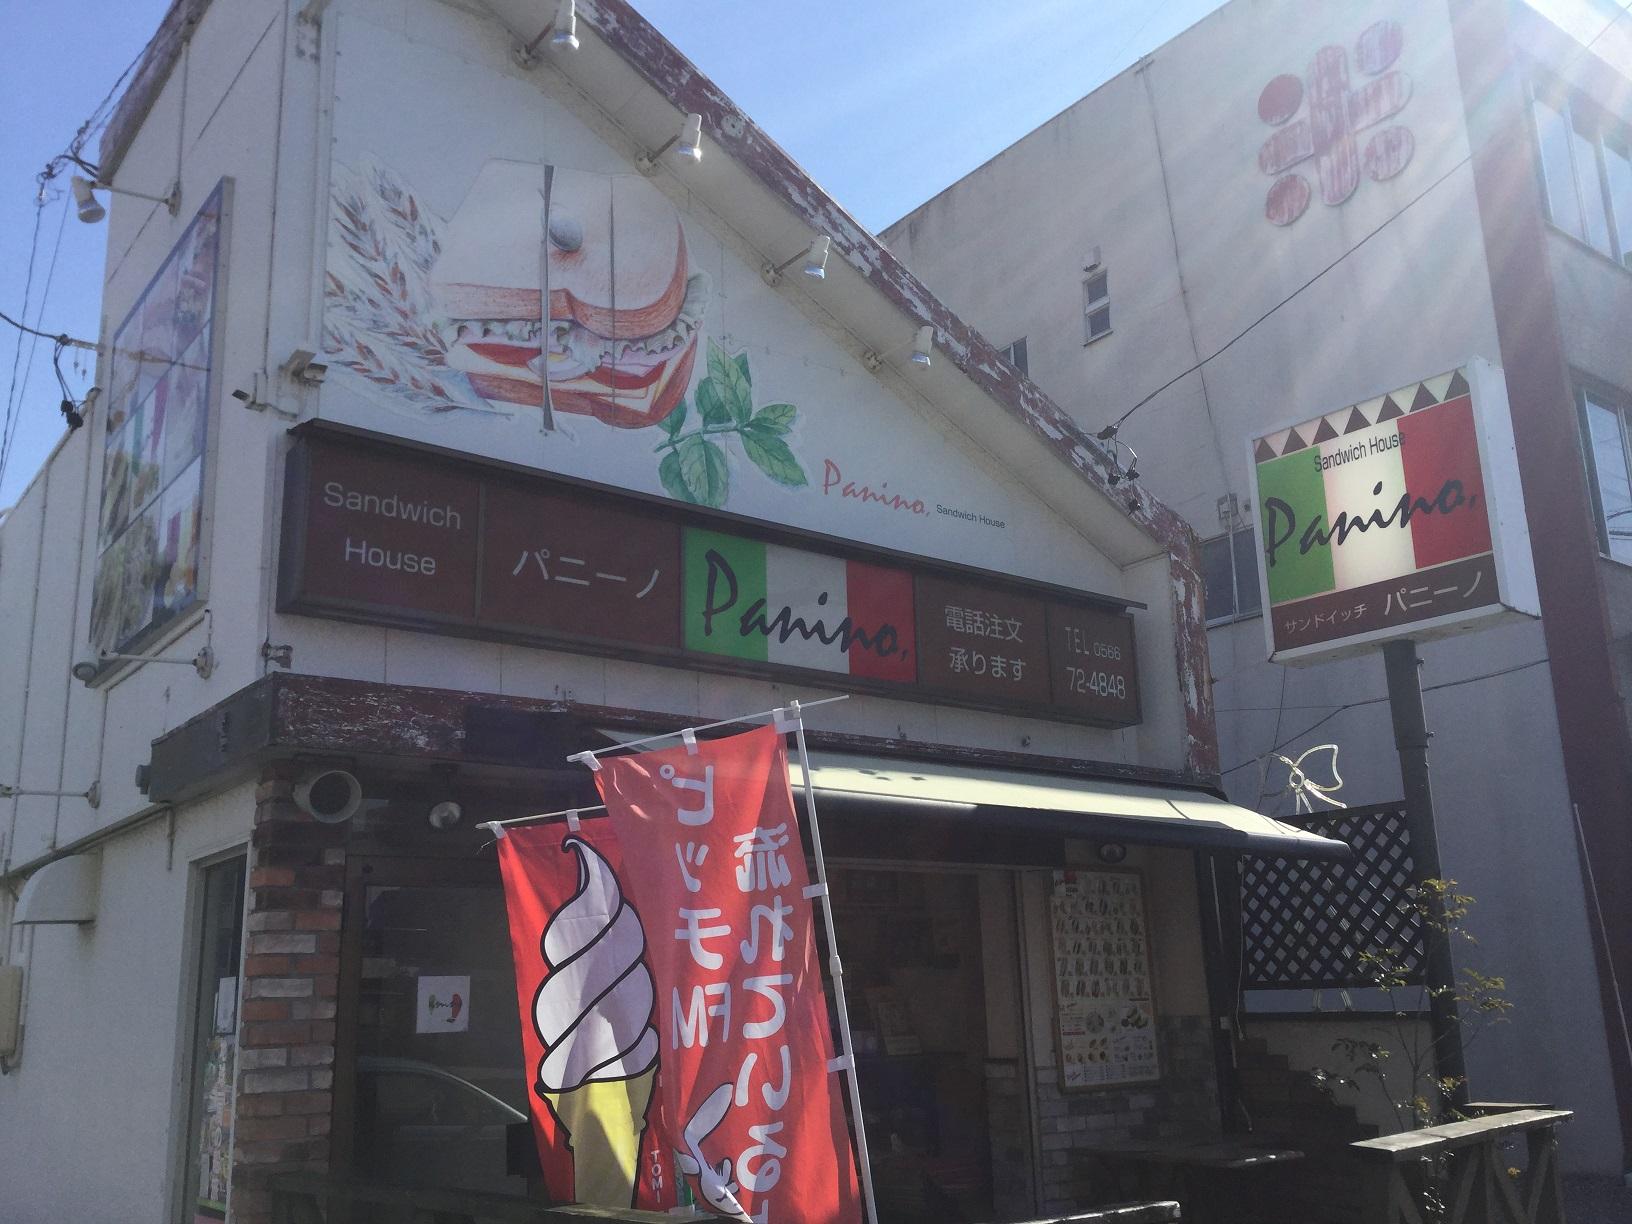 パニーノ (愛知県安城市/サンドイッチ)